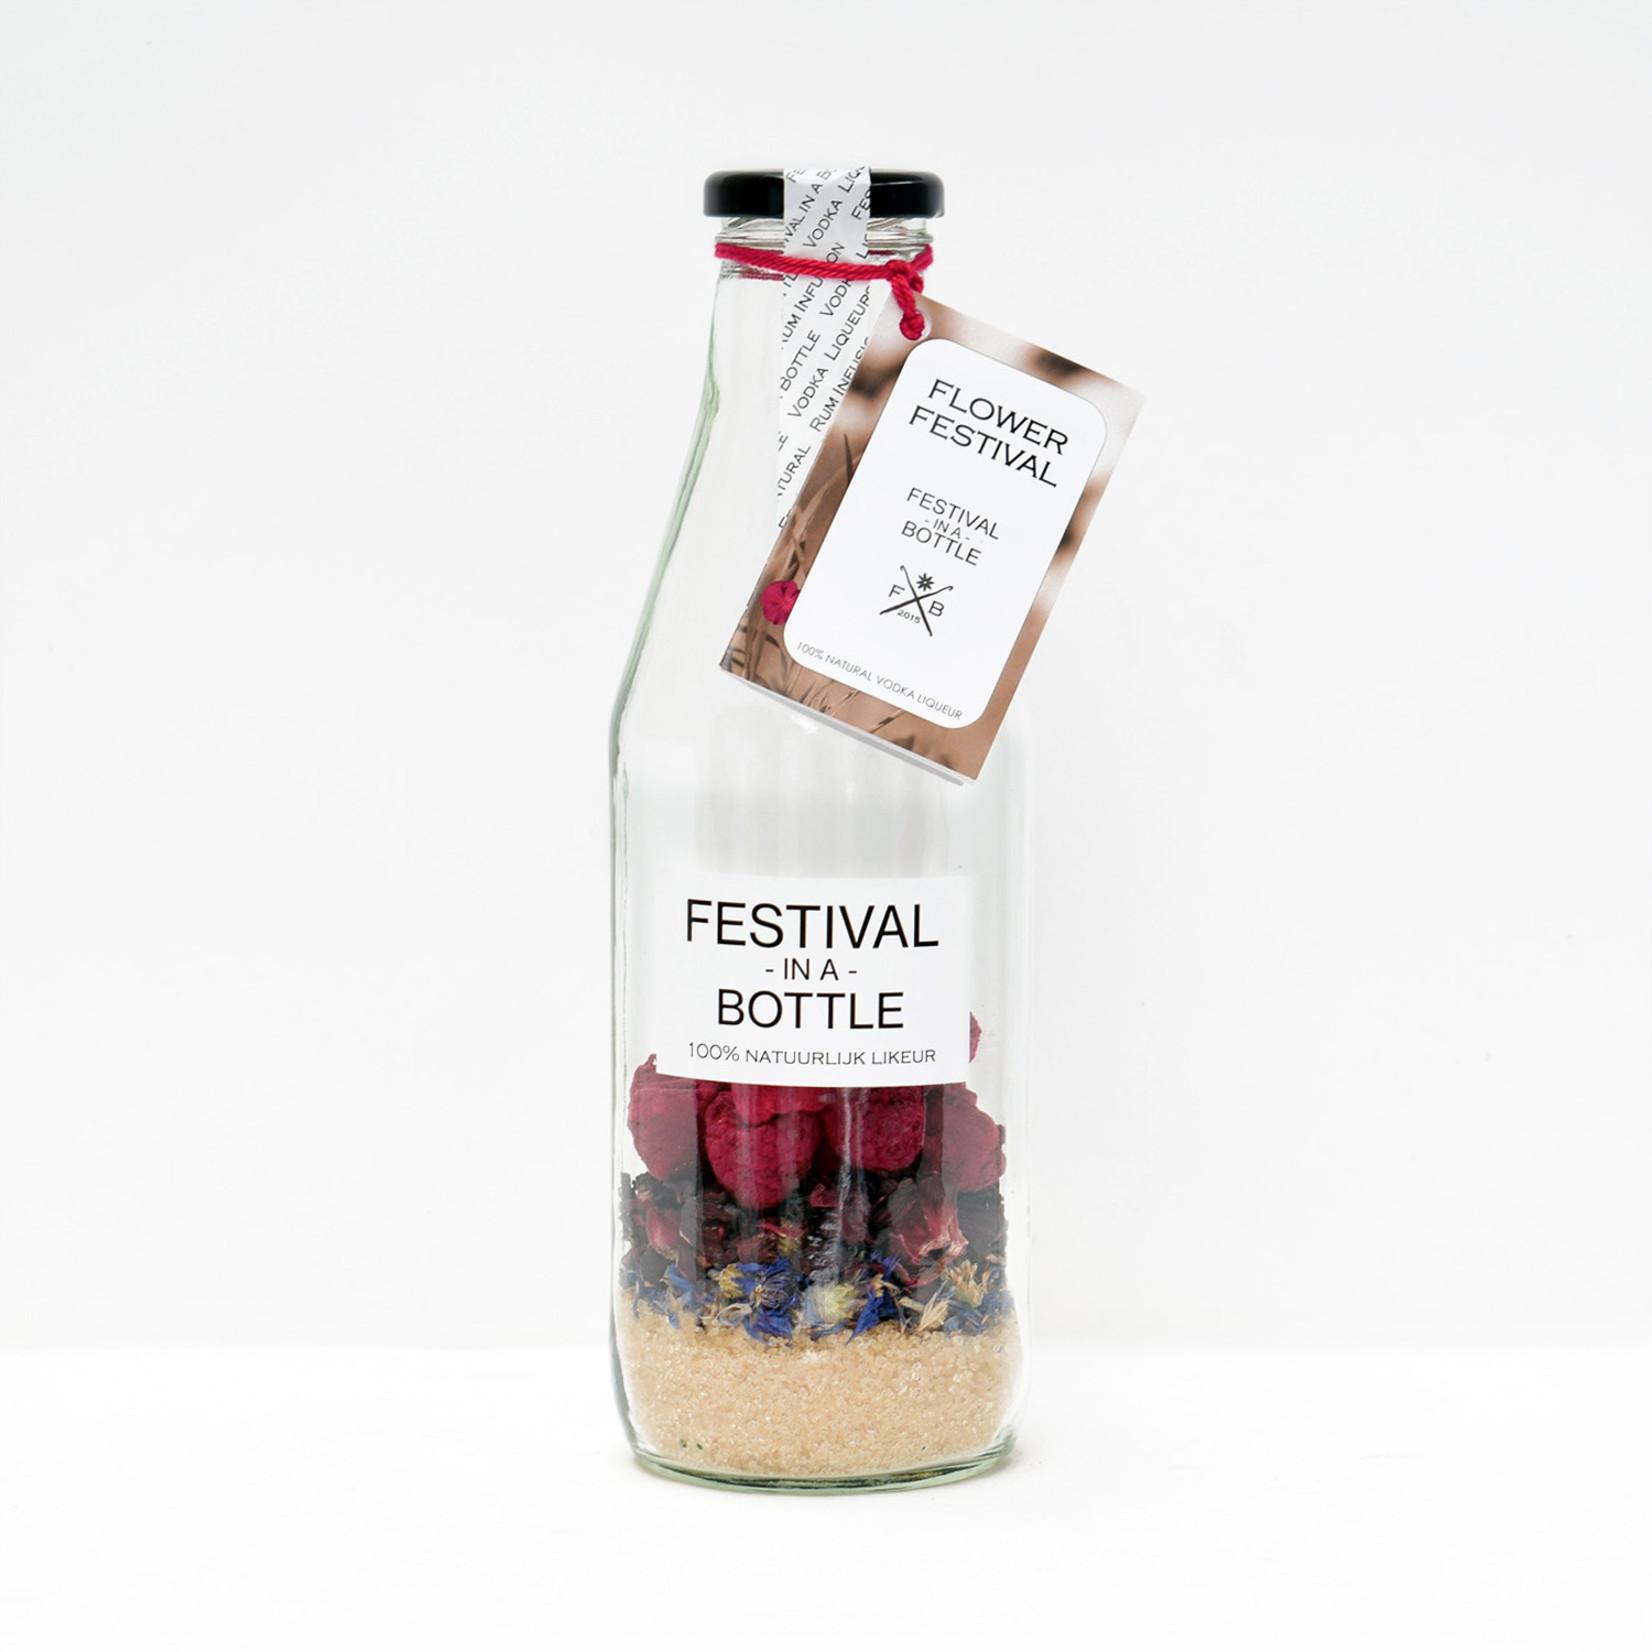 Festival in a bottle Flower Festival